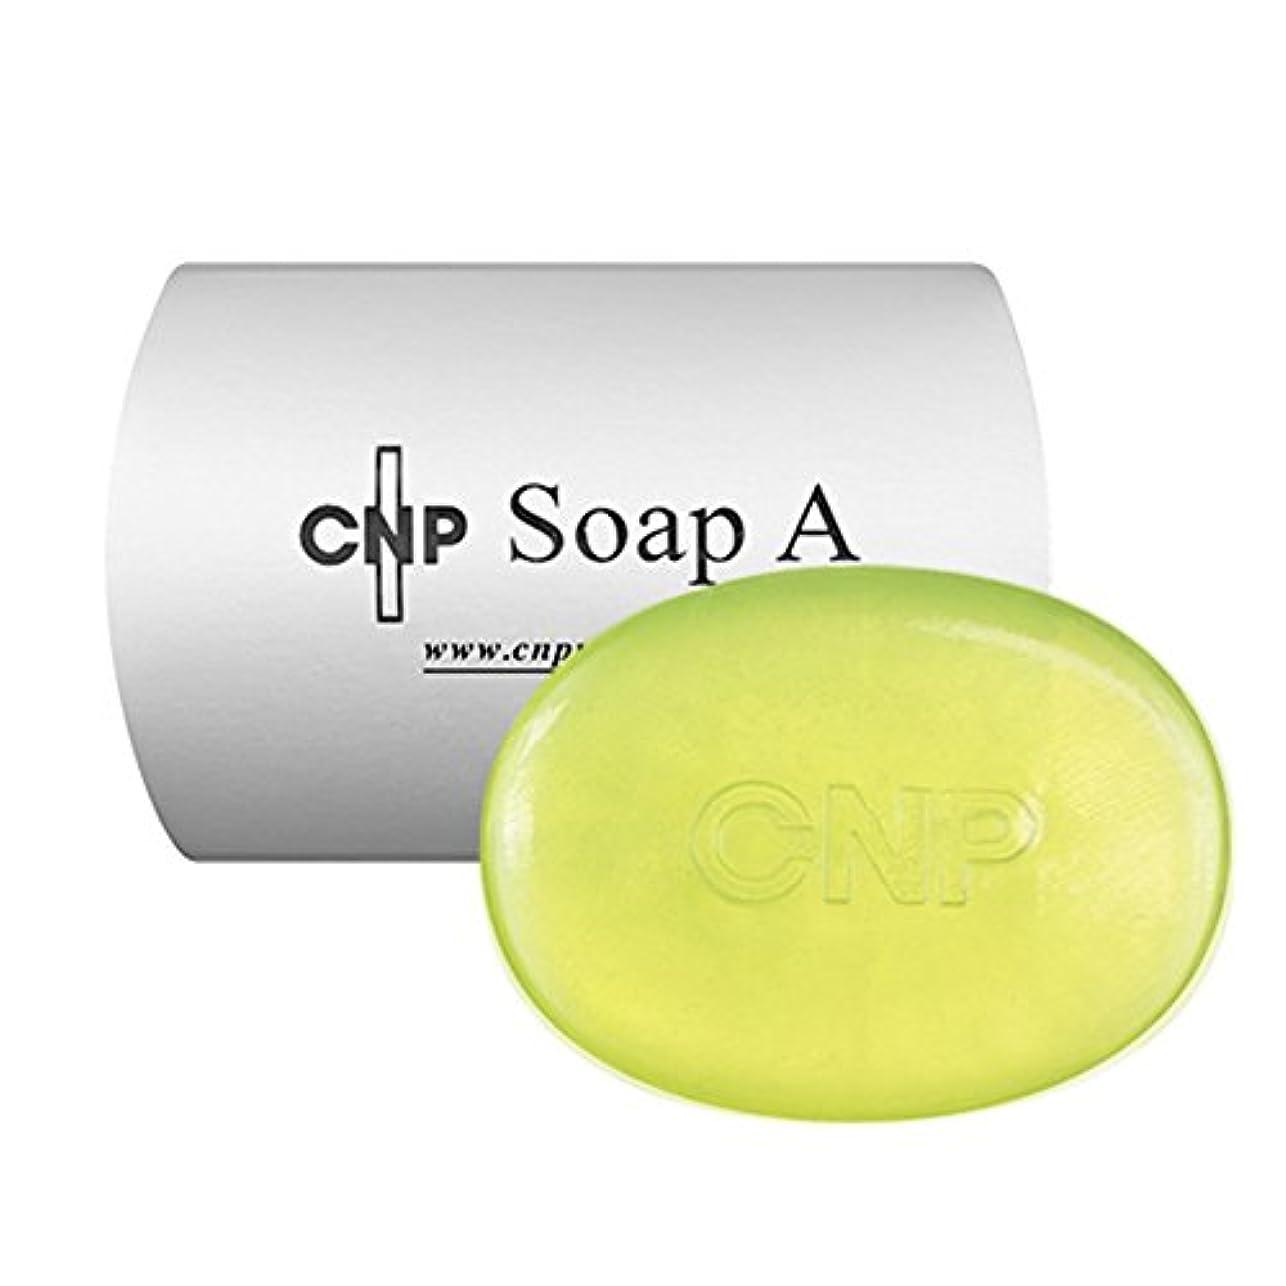 安全動物周波数CNP Soap A チャアンドパク ソープ A [並行輸入品]